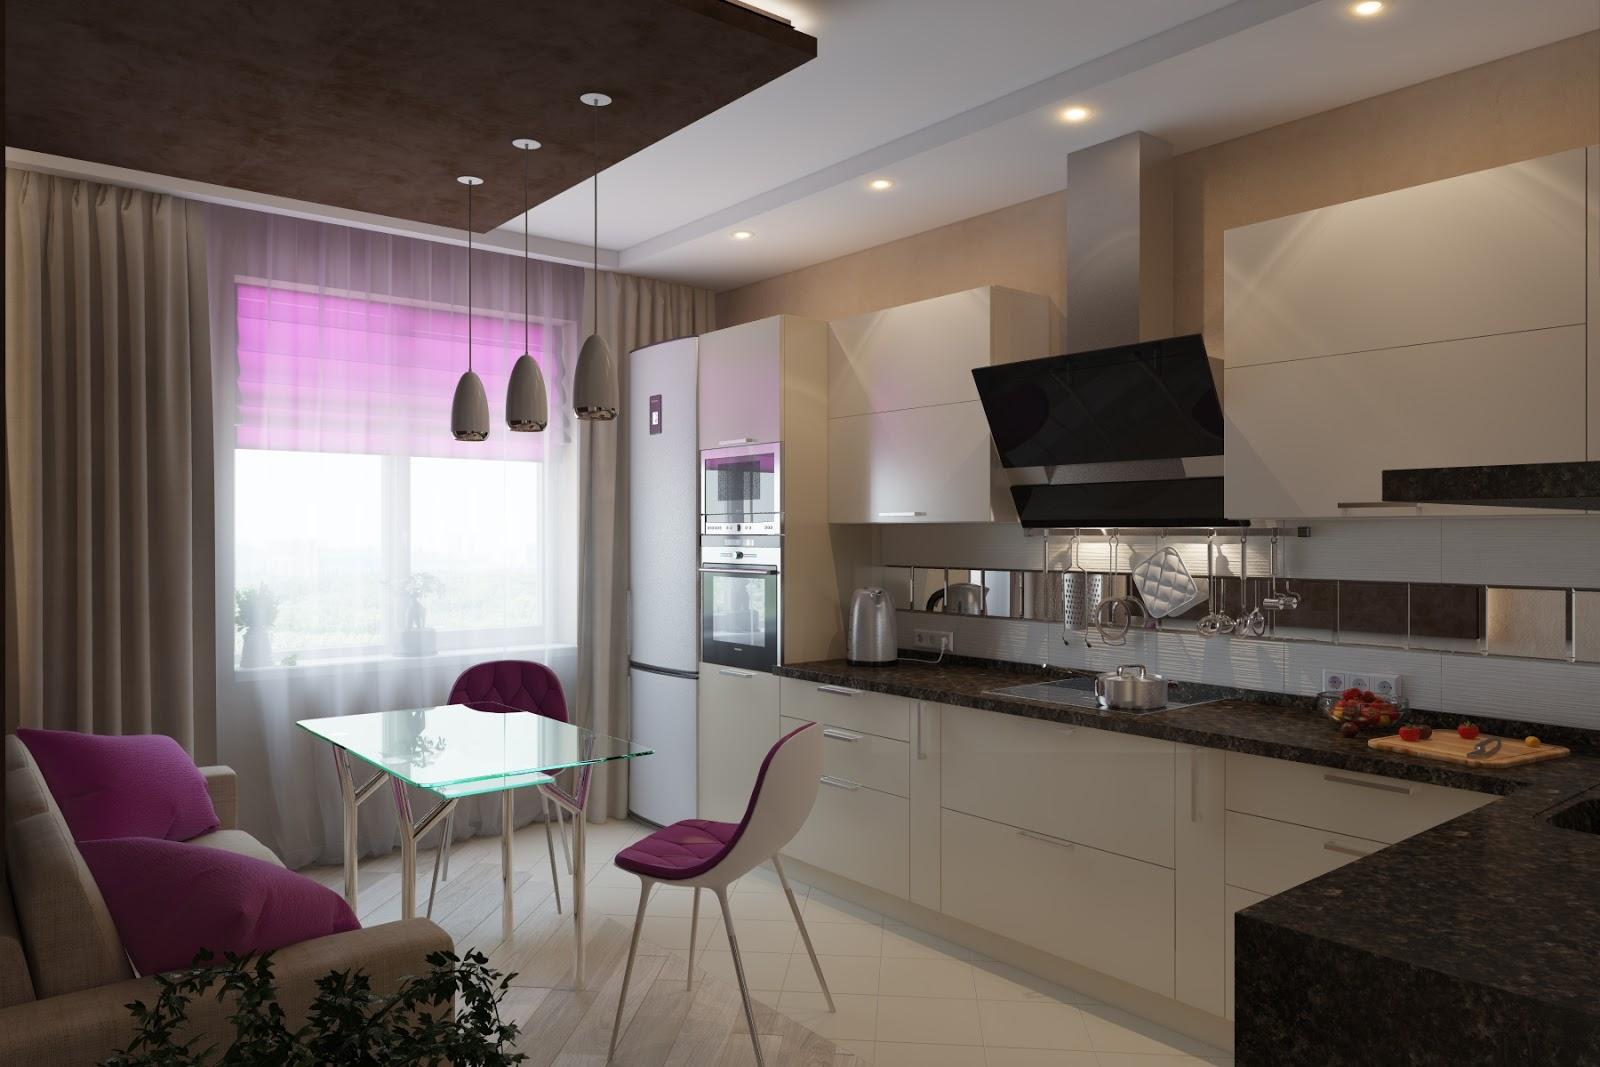 Дизайн кухни 9м2 фото 2015 современные идеи